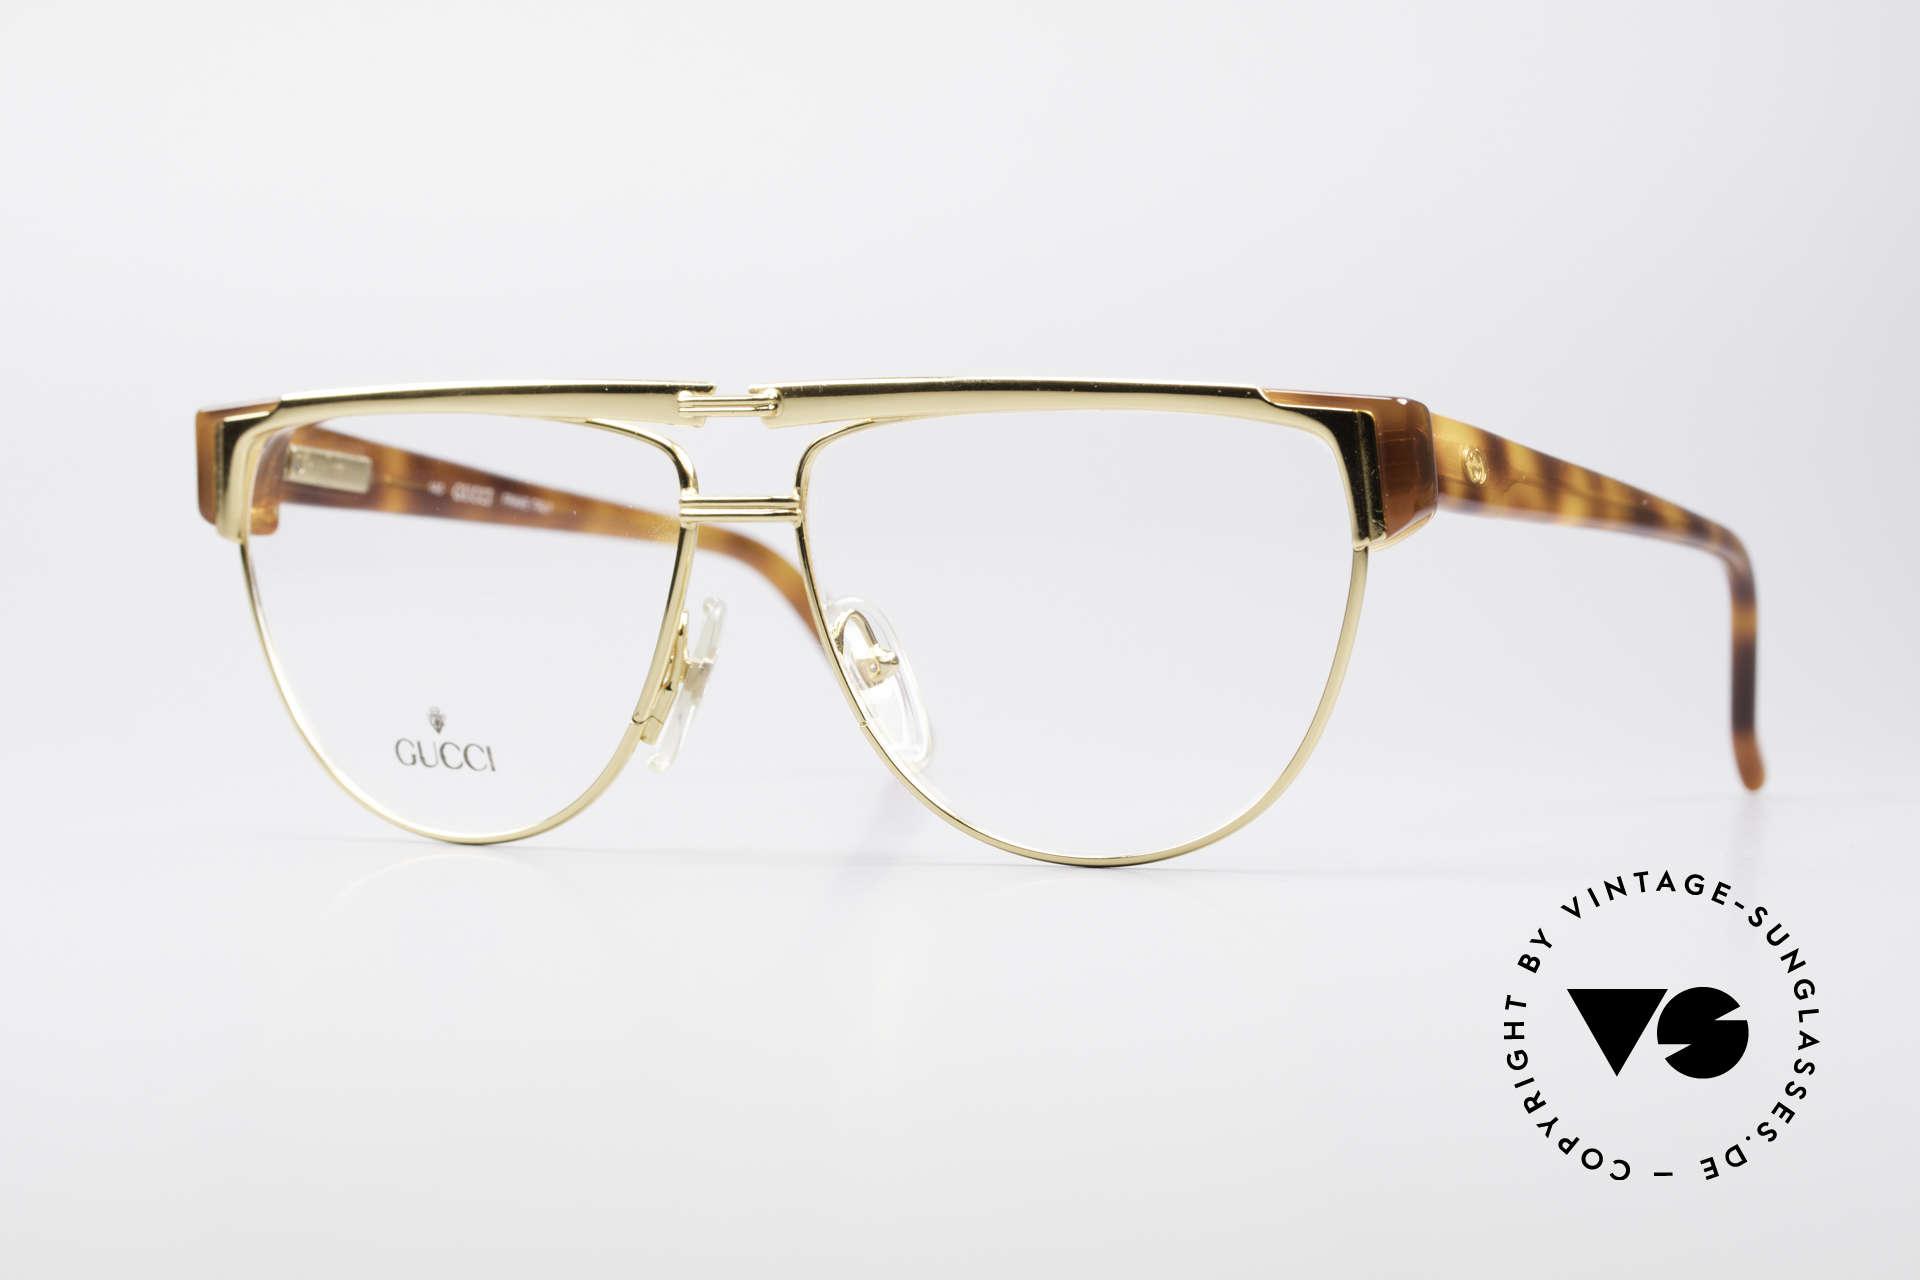 Gucci 2320 Designer Luxusbrille 80er, vintage 1980er Brille von GUCCI in Schildpatt-Optik, Passend für Herren und Damen